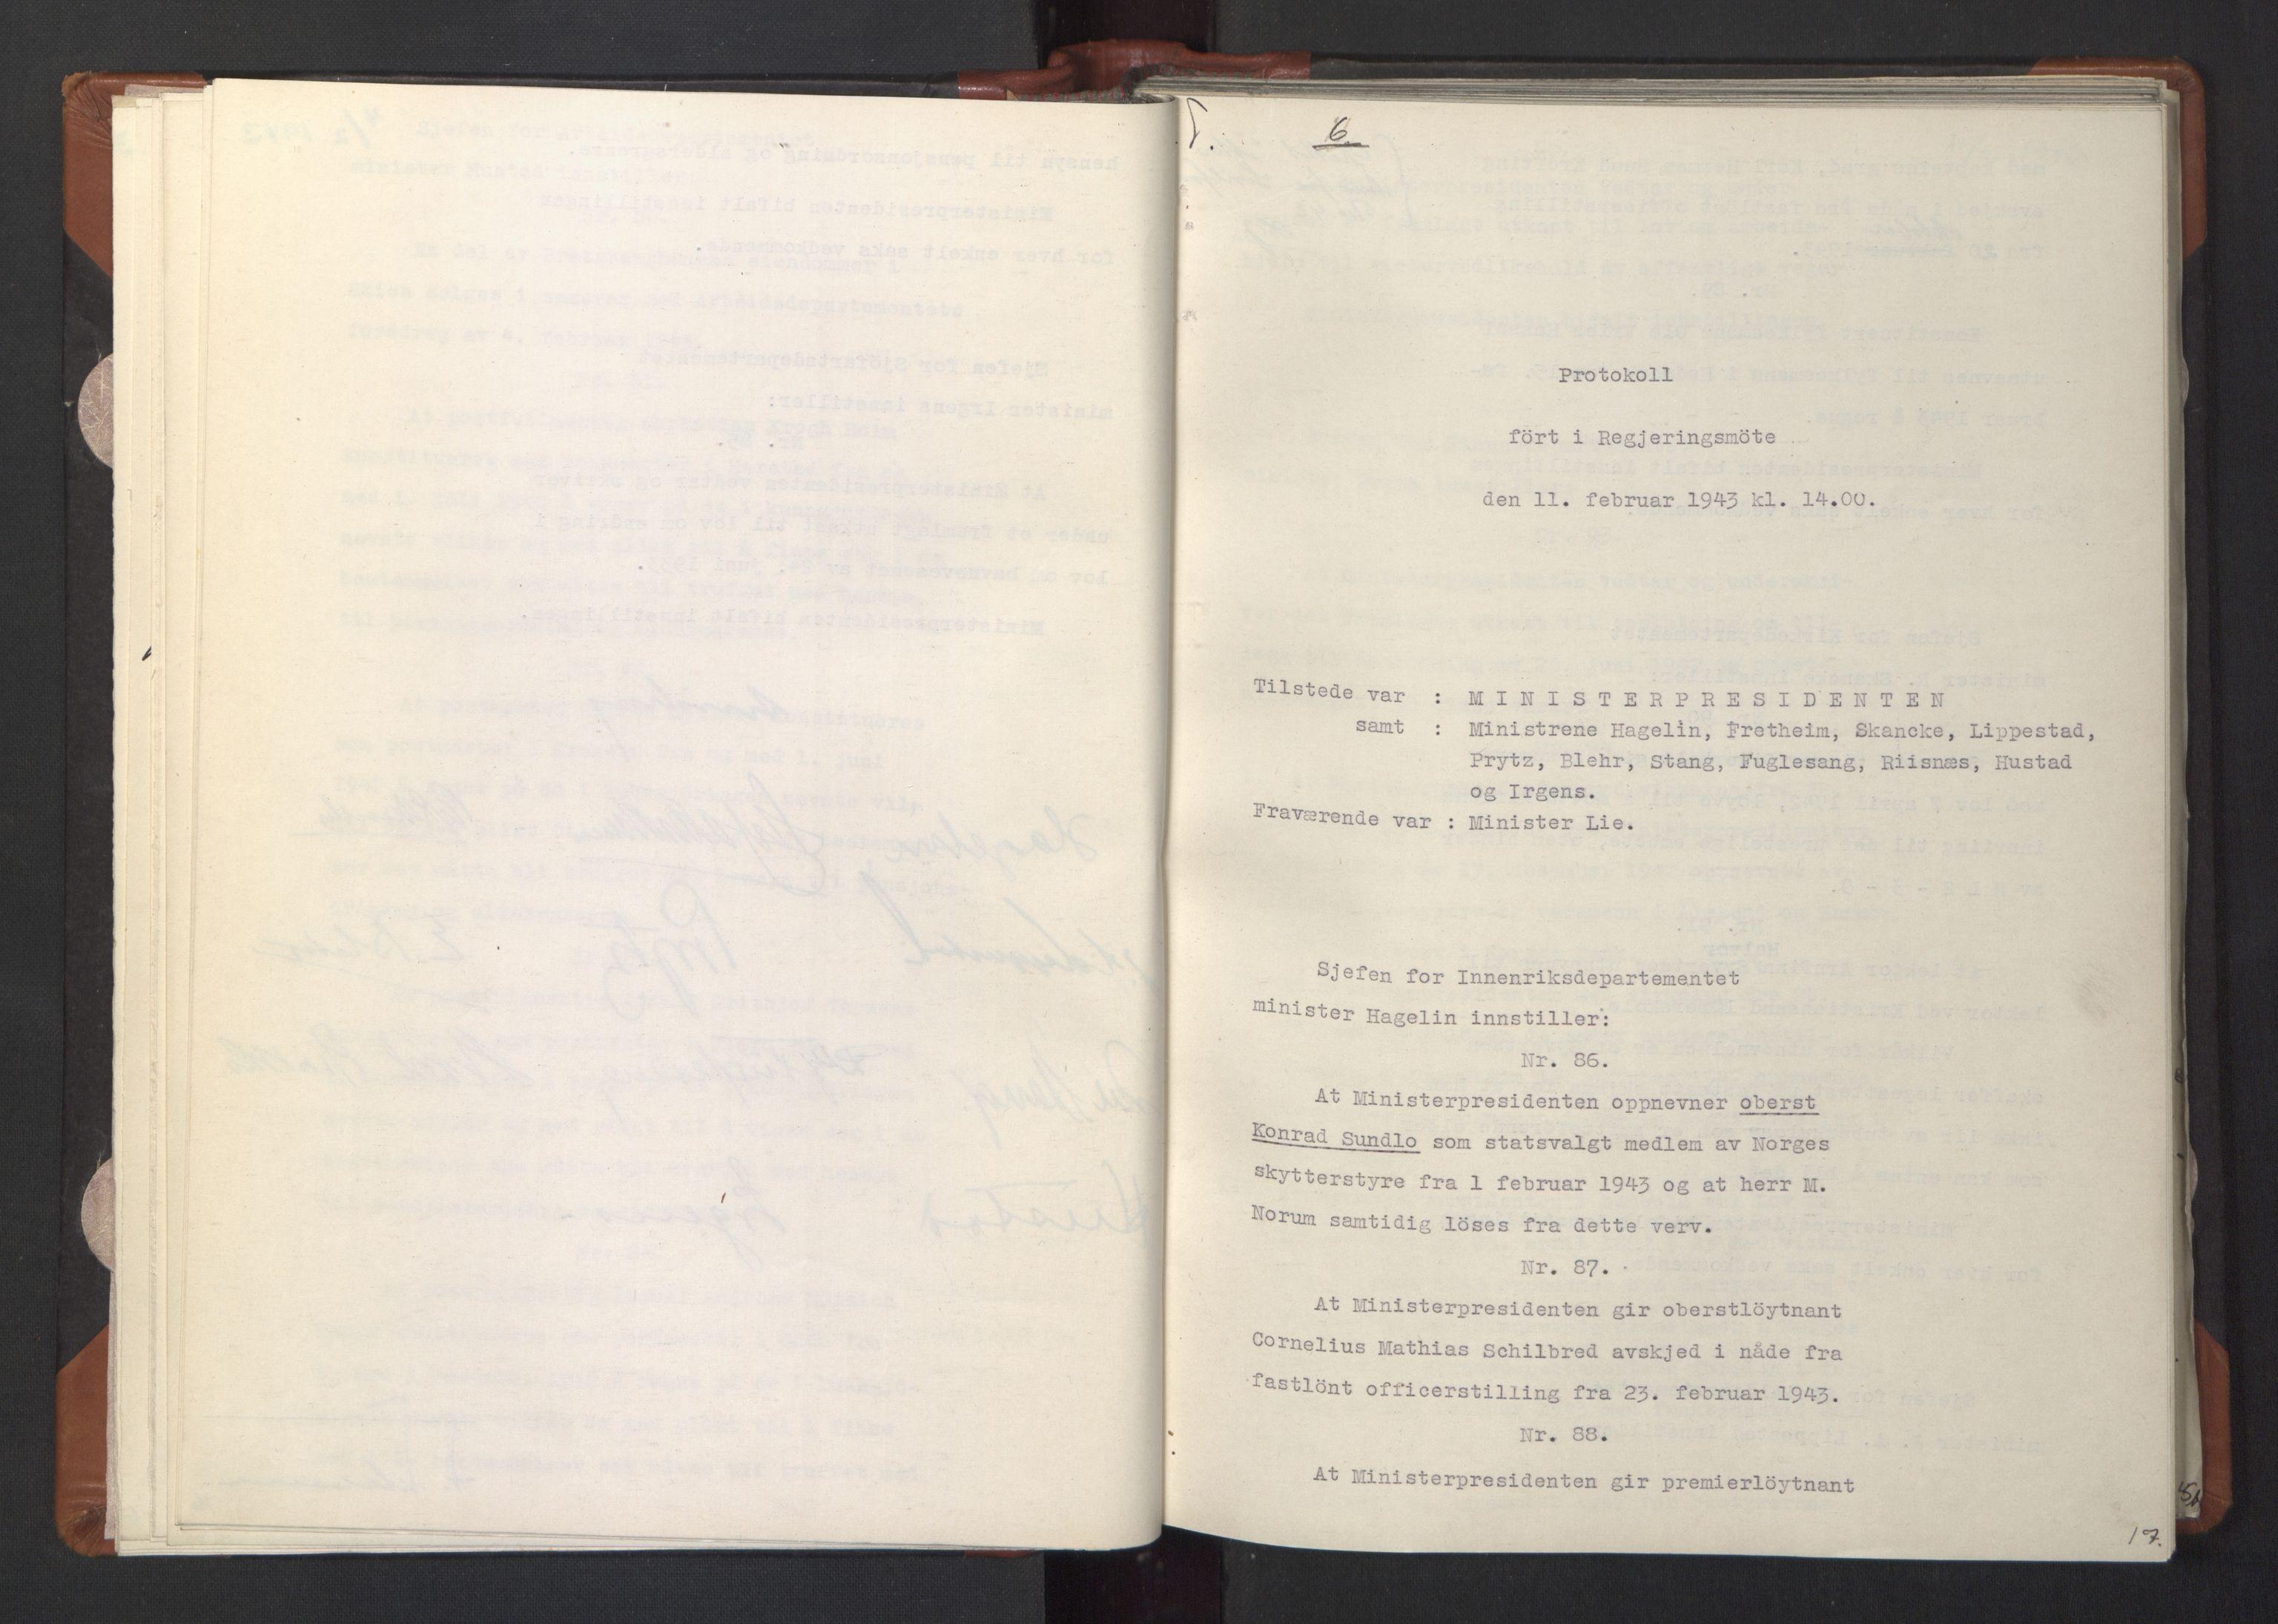 RA, NS-administrasjonen 1940-1945 (Statsrådsekretariatet, de kommisariske statsråder mm), D/Da/L0003: Vedtak (Beslutninger) nr. 1-746 og tillegg nr. 1-47 (RA. j.nr. 1394/1944, tilgangsnr. 8/1944, 1943, s. 16b-17a